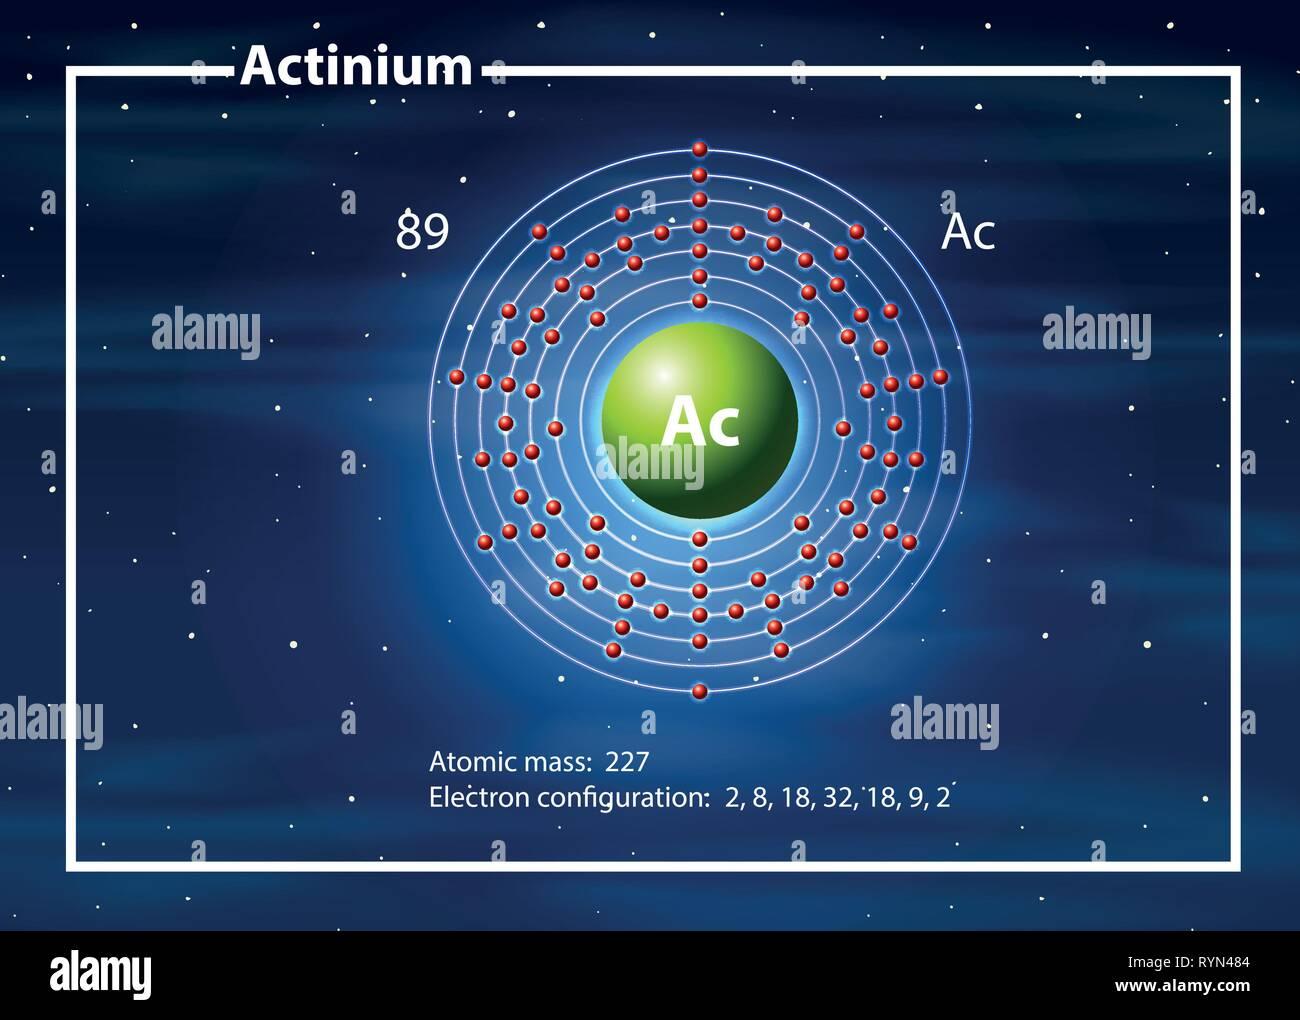 A Actinium atom diagram illustration Stock Vector Art